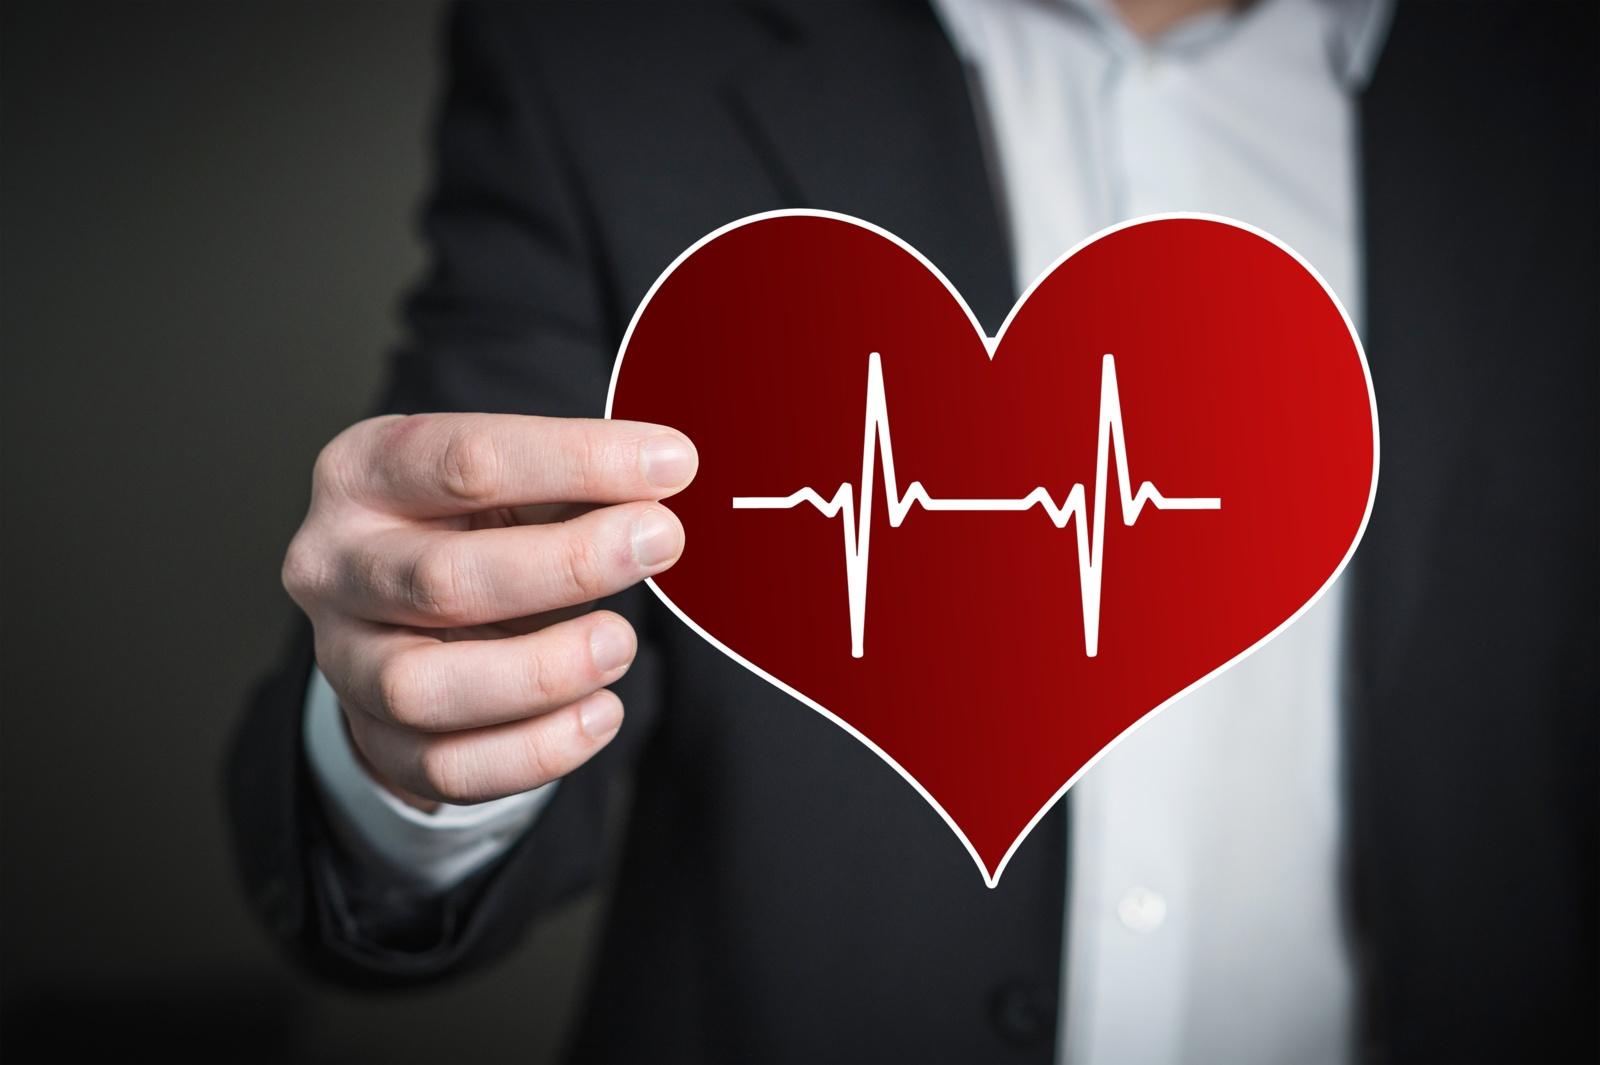 dietos meniu esant 2 laipsnių hipertenzijai hipertenzija nuo oro pokyčių